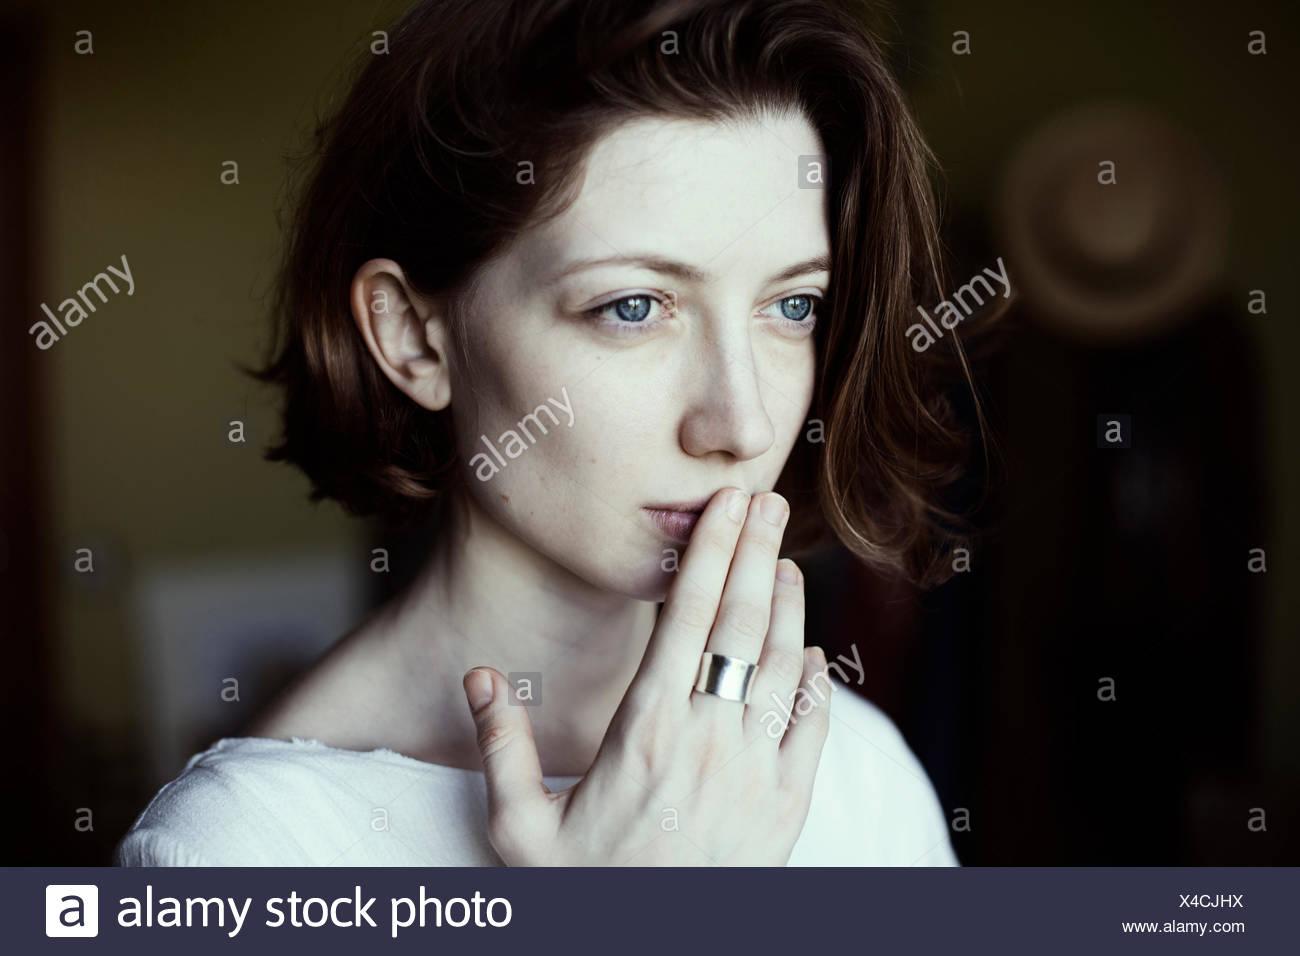 Ritratto di una donna tenendo la mano alla bocca Immagini Stock